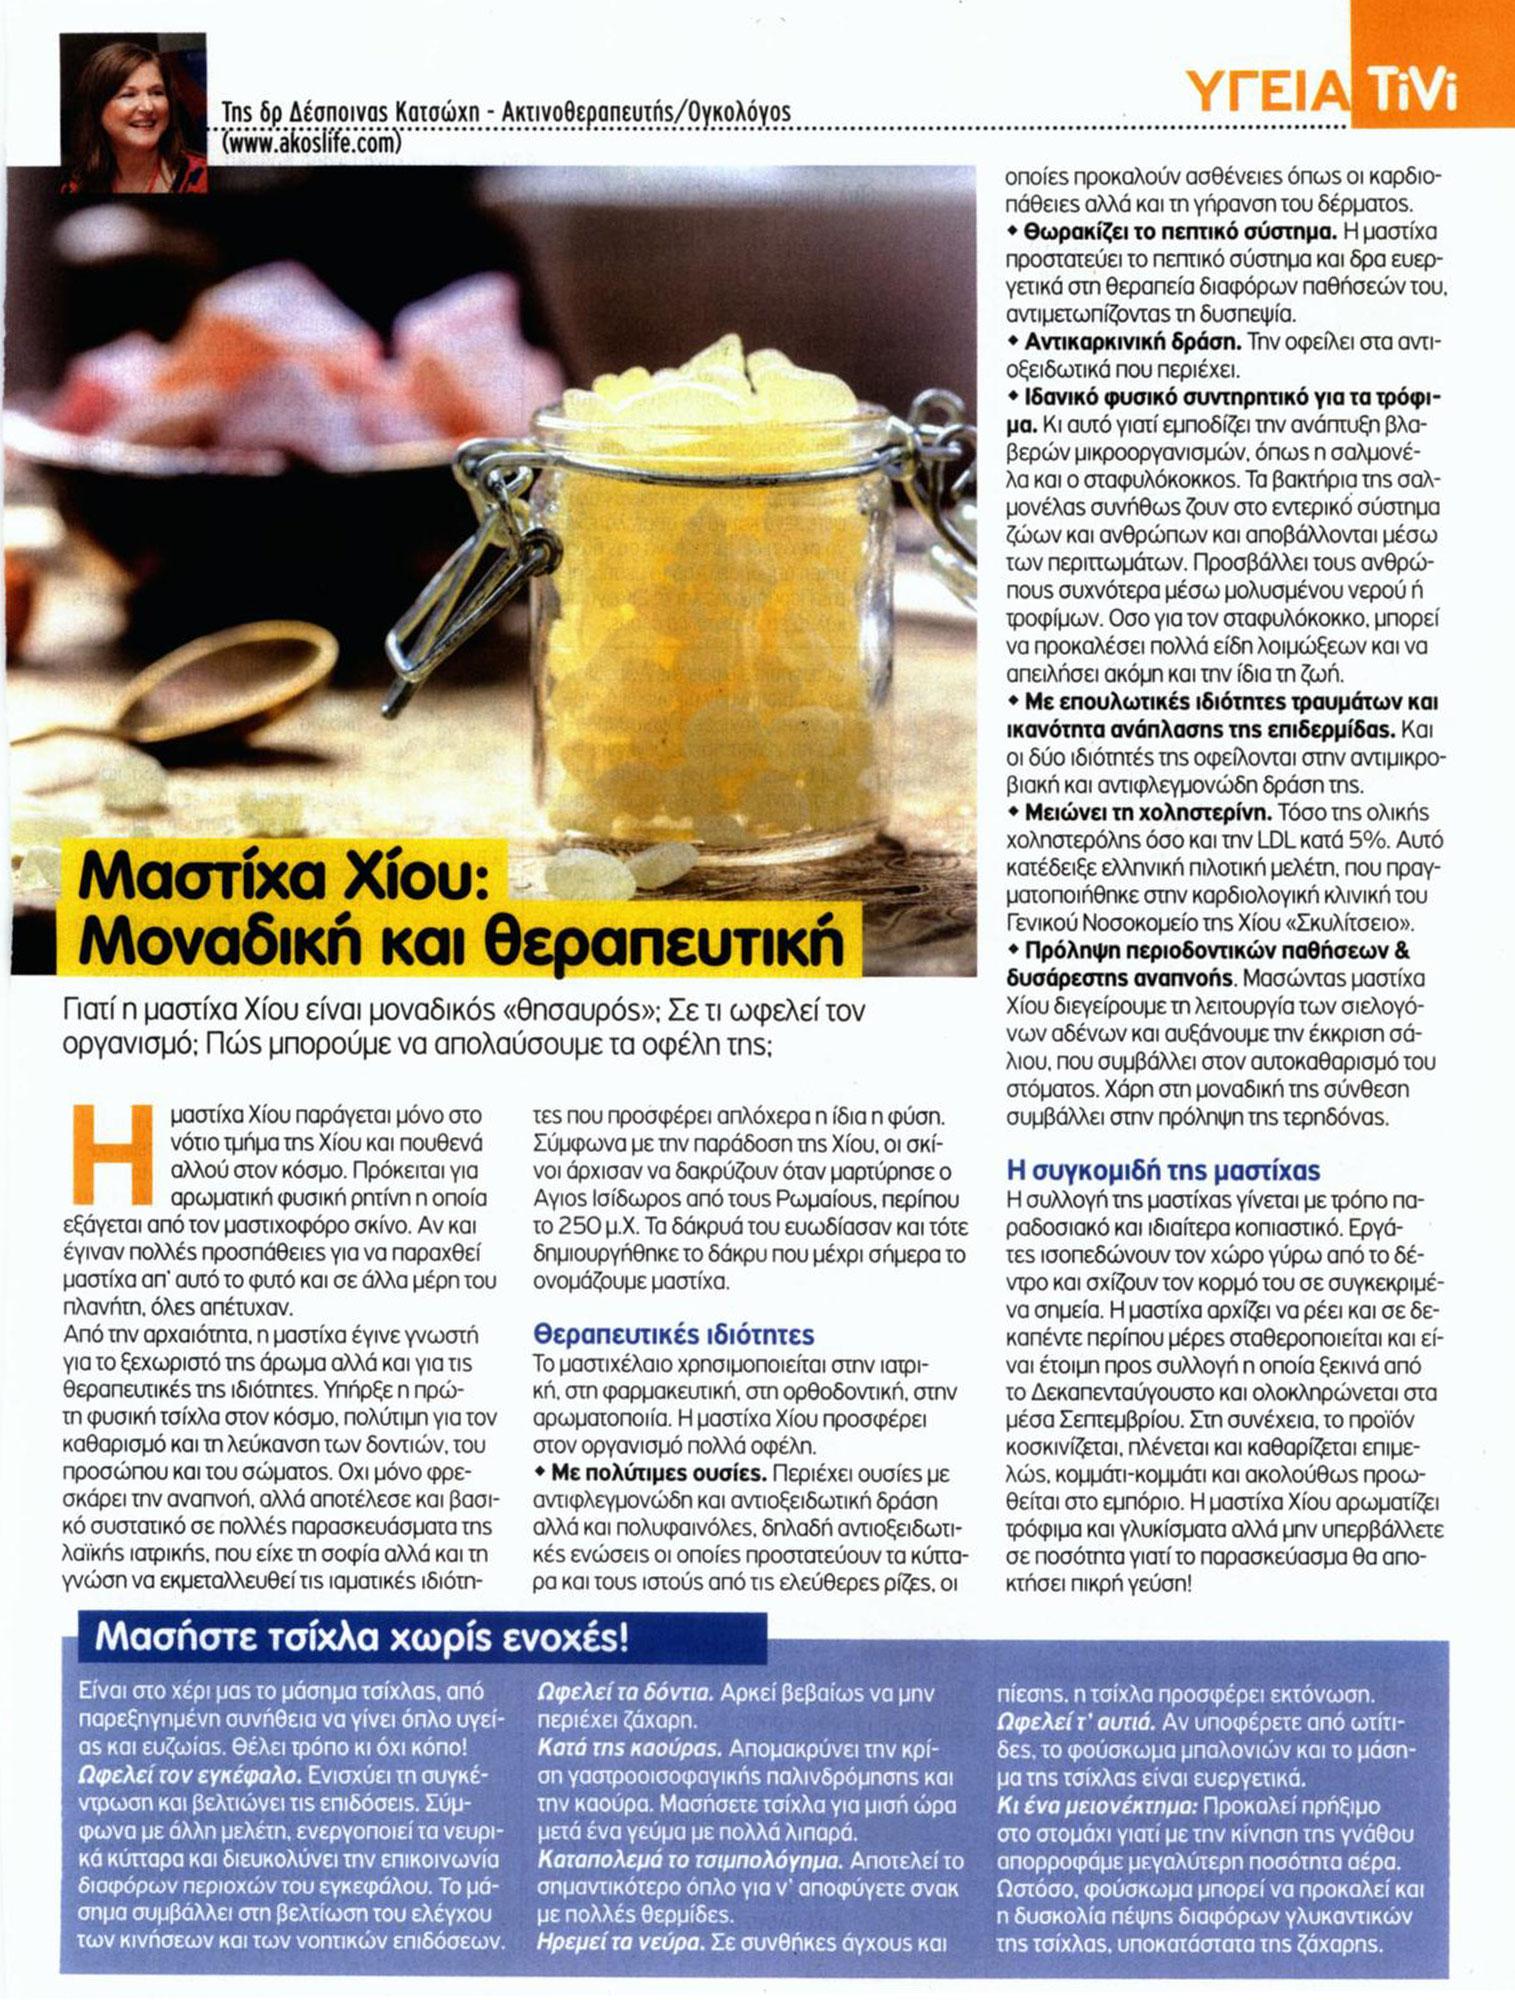 Μαστίχα Χίου: Μοναδική & Θεραπευτική